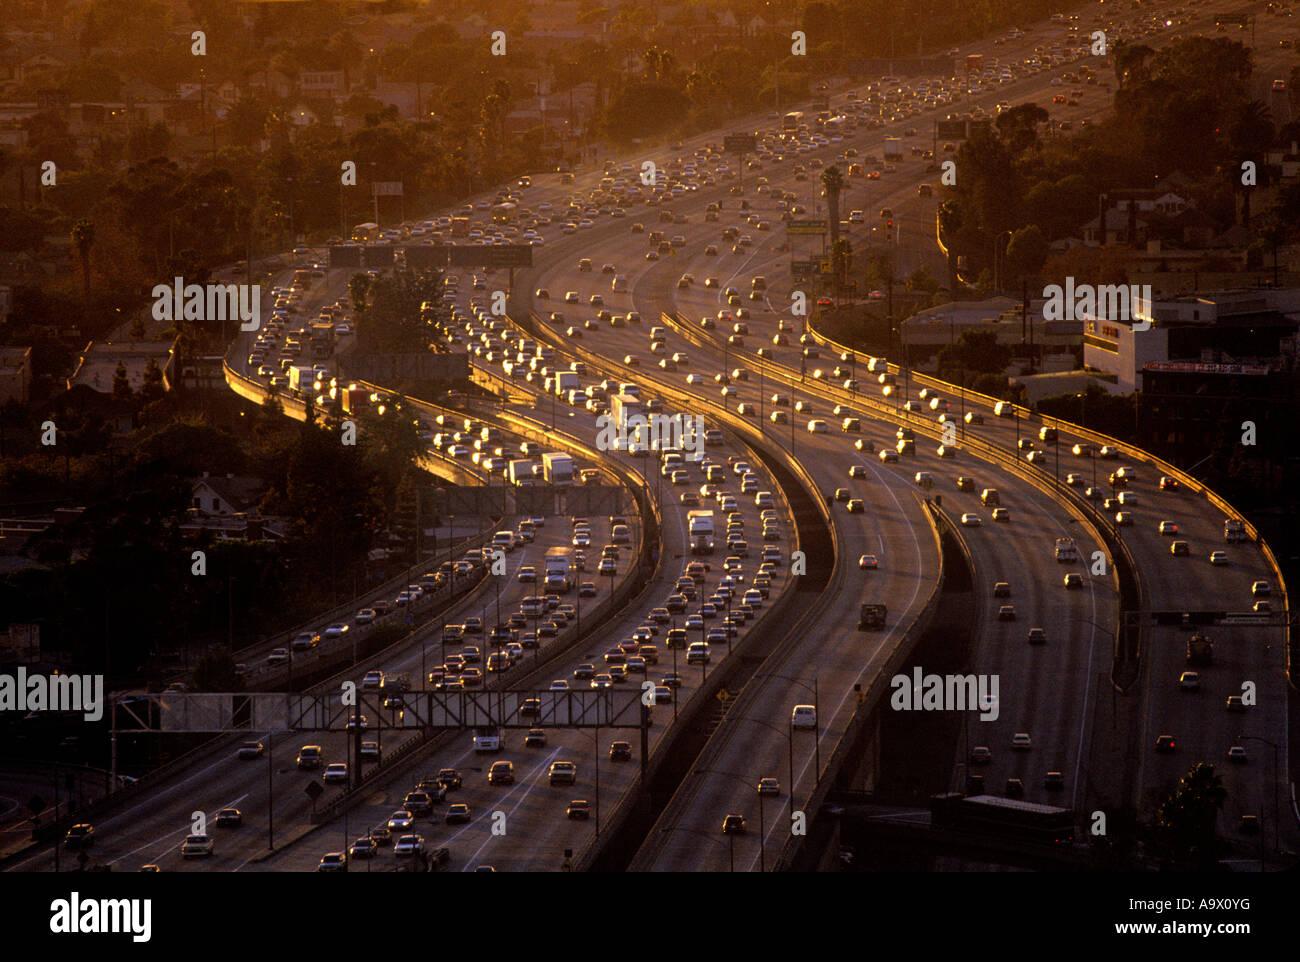 Congestión de tráfico aéreo SANTA MONICA FREEWAY Los Ángeles, California, EE.UU. Imagen De Stock